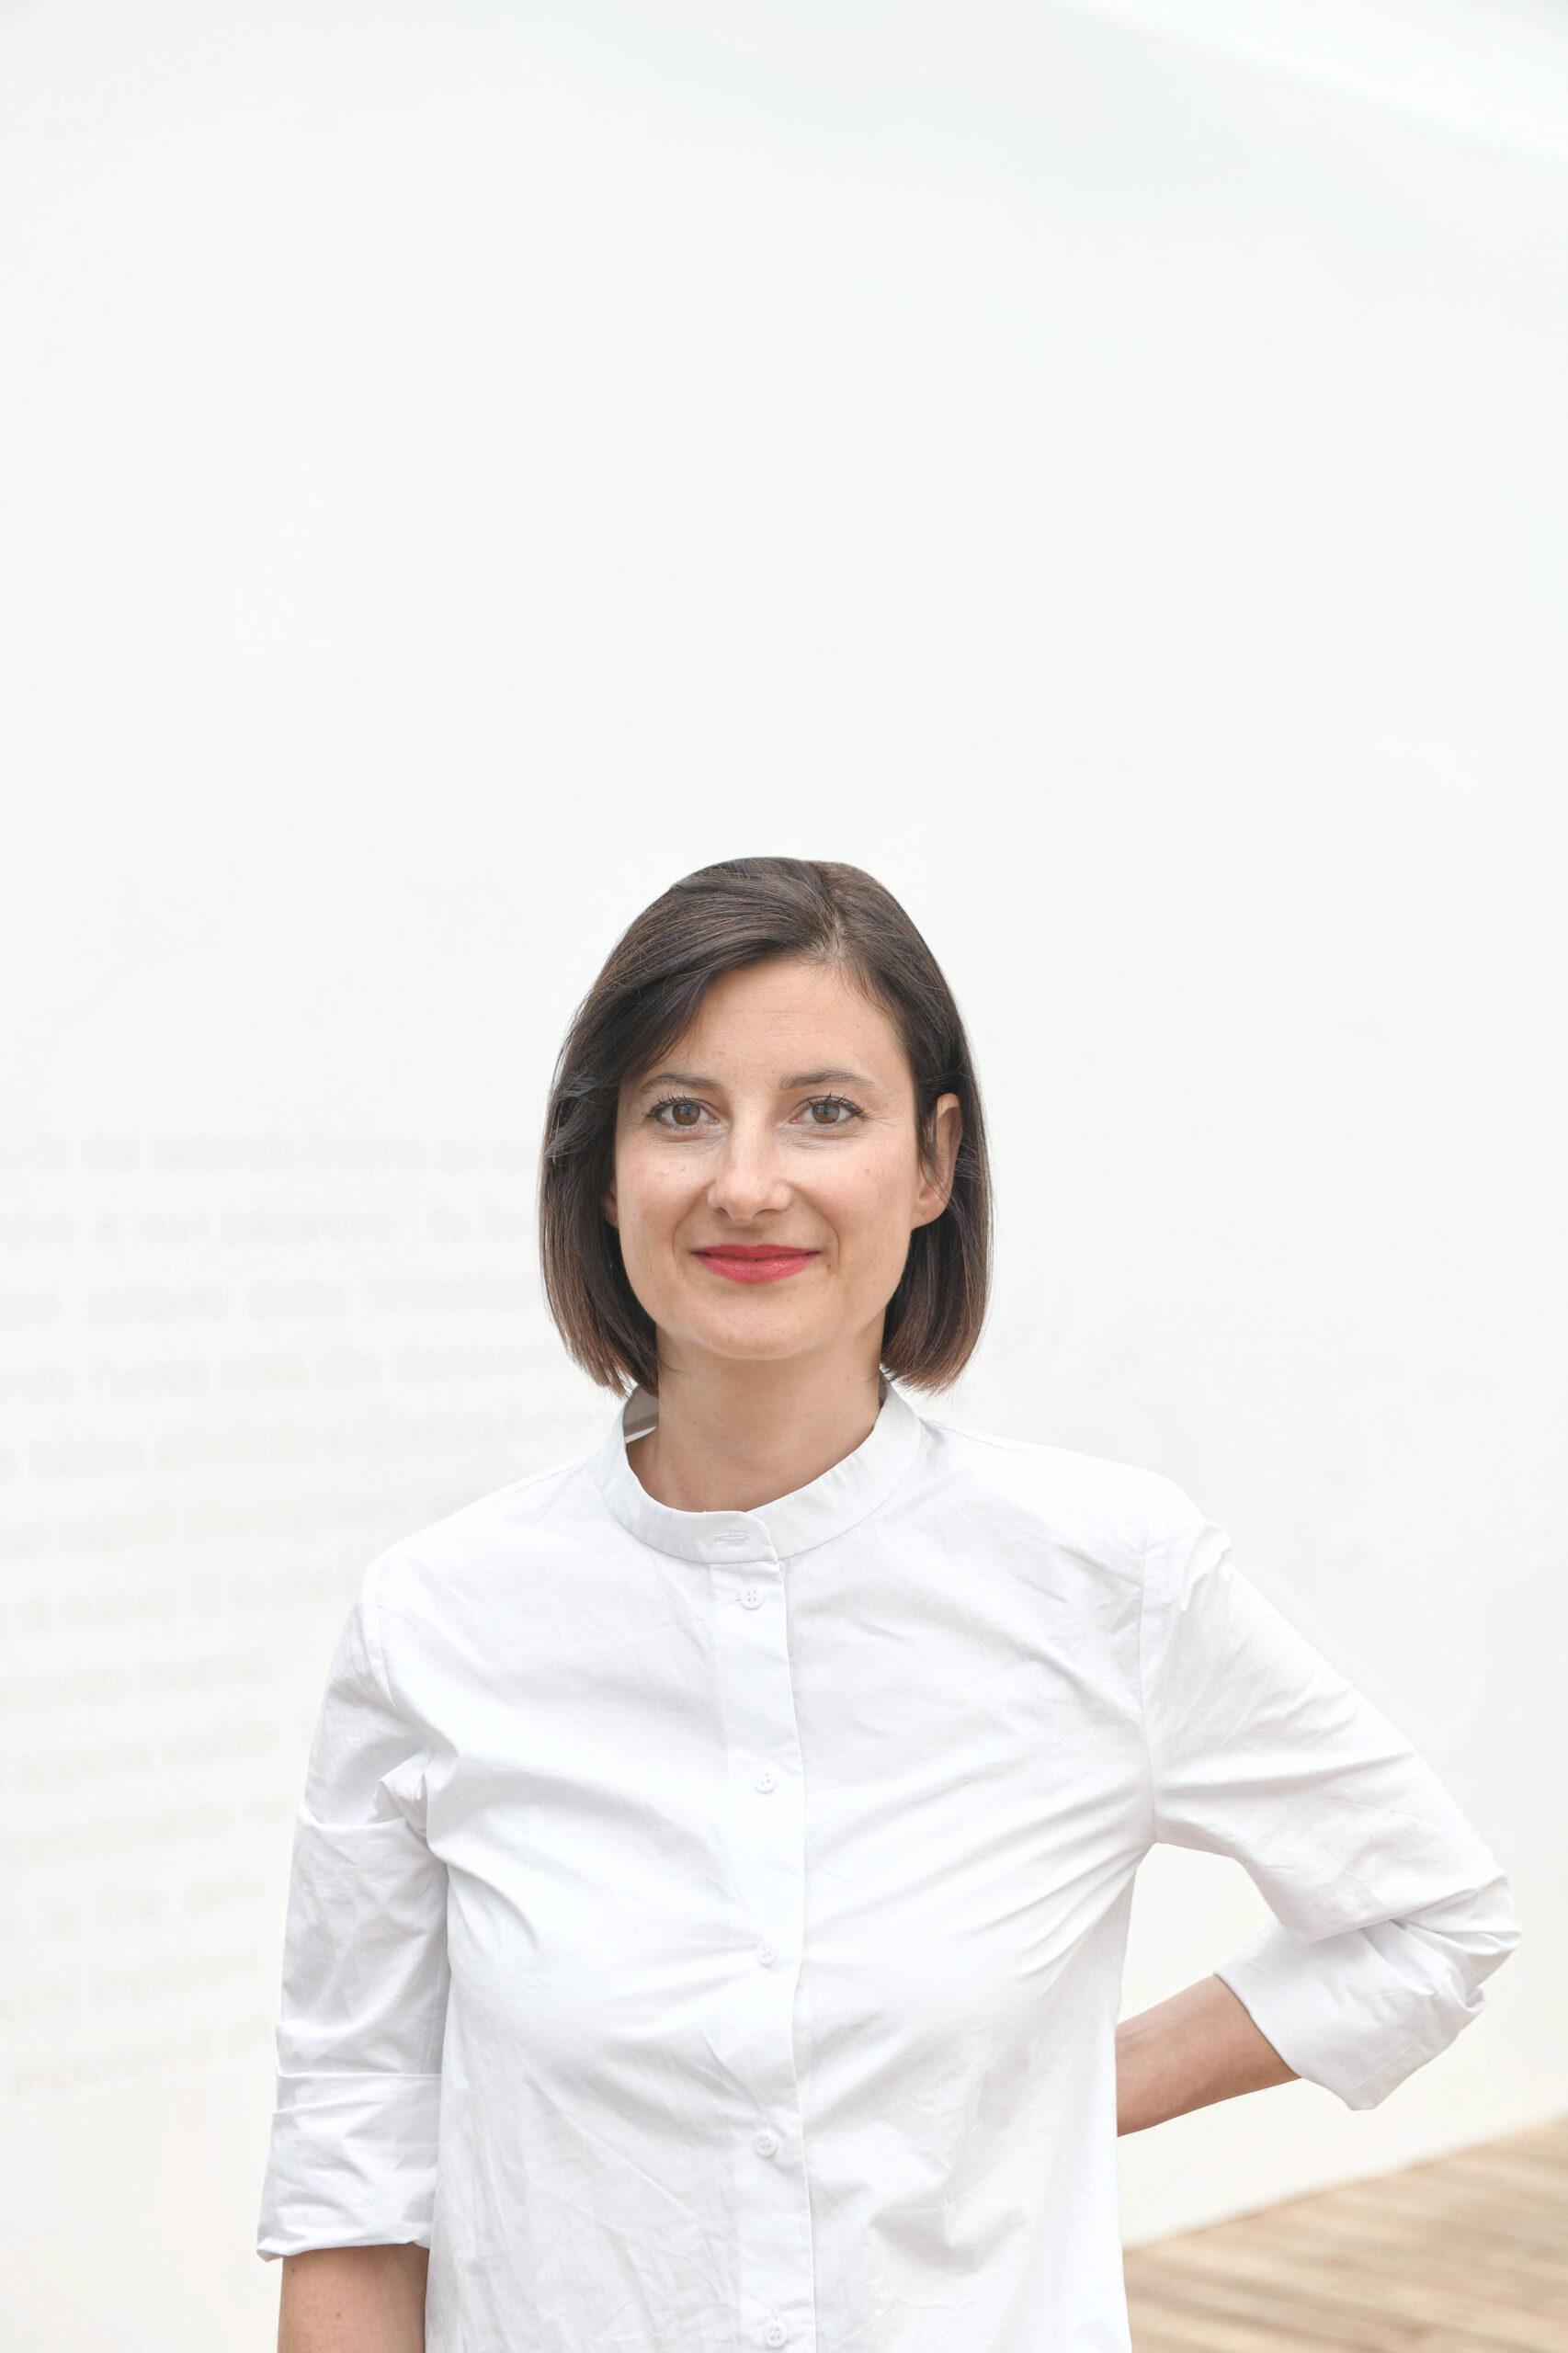 Kunst Merano: ripartenza, programmi, progetti. Intervista a Martina Oberprantacher, nuova direttrice di Merano Arte